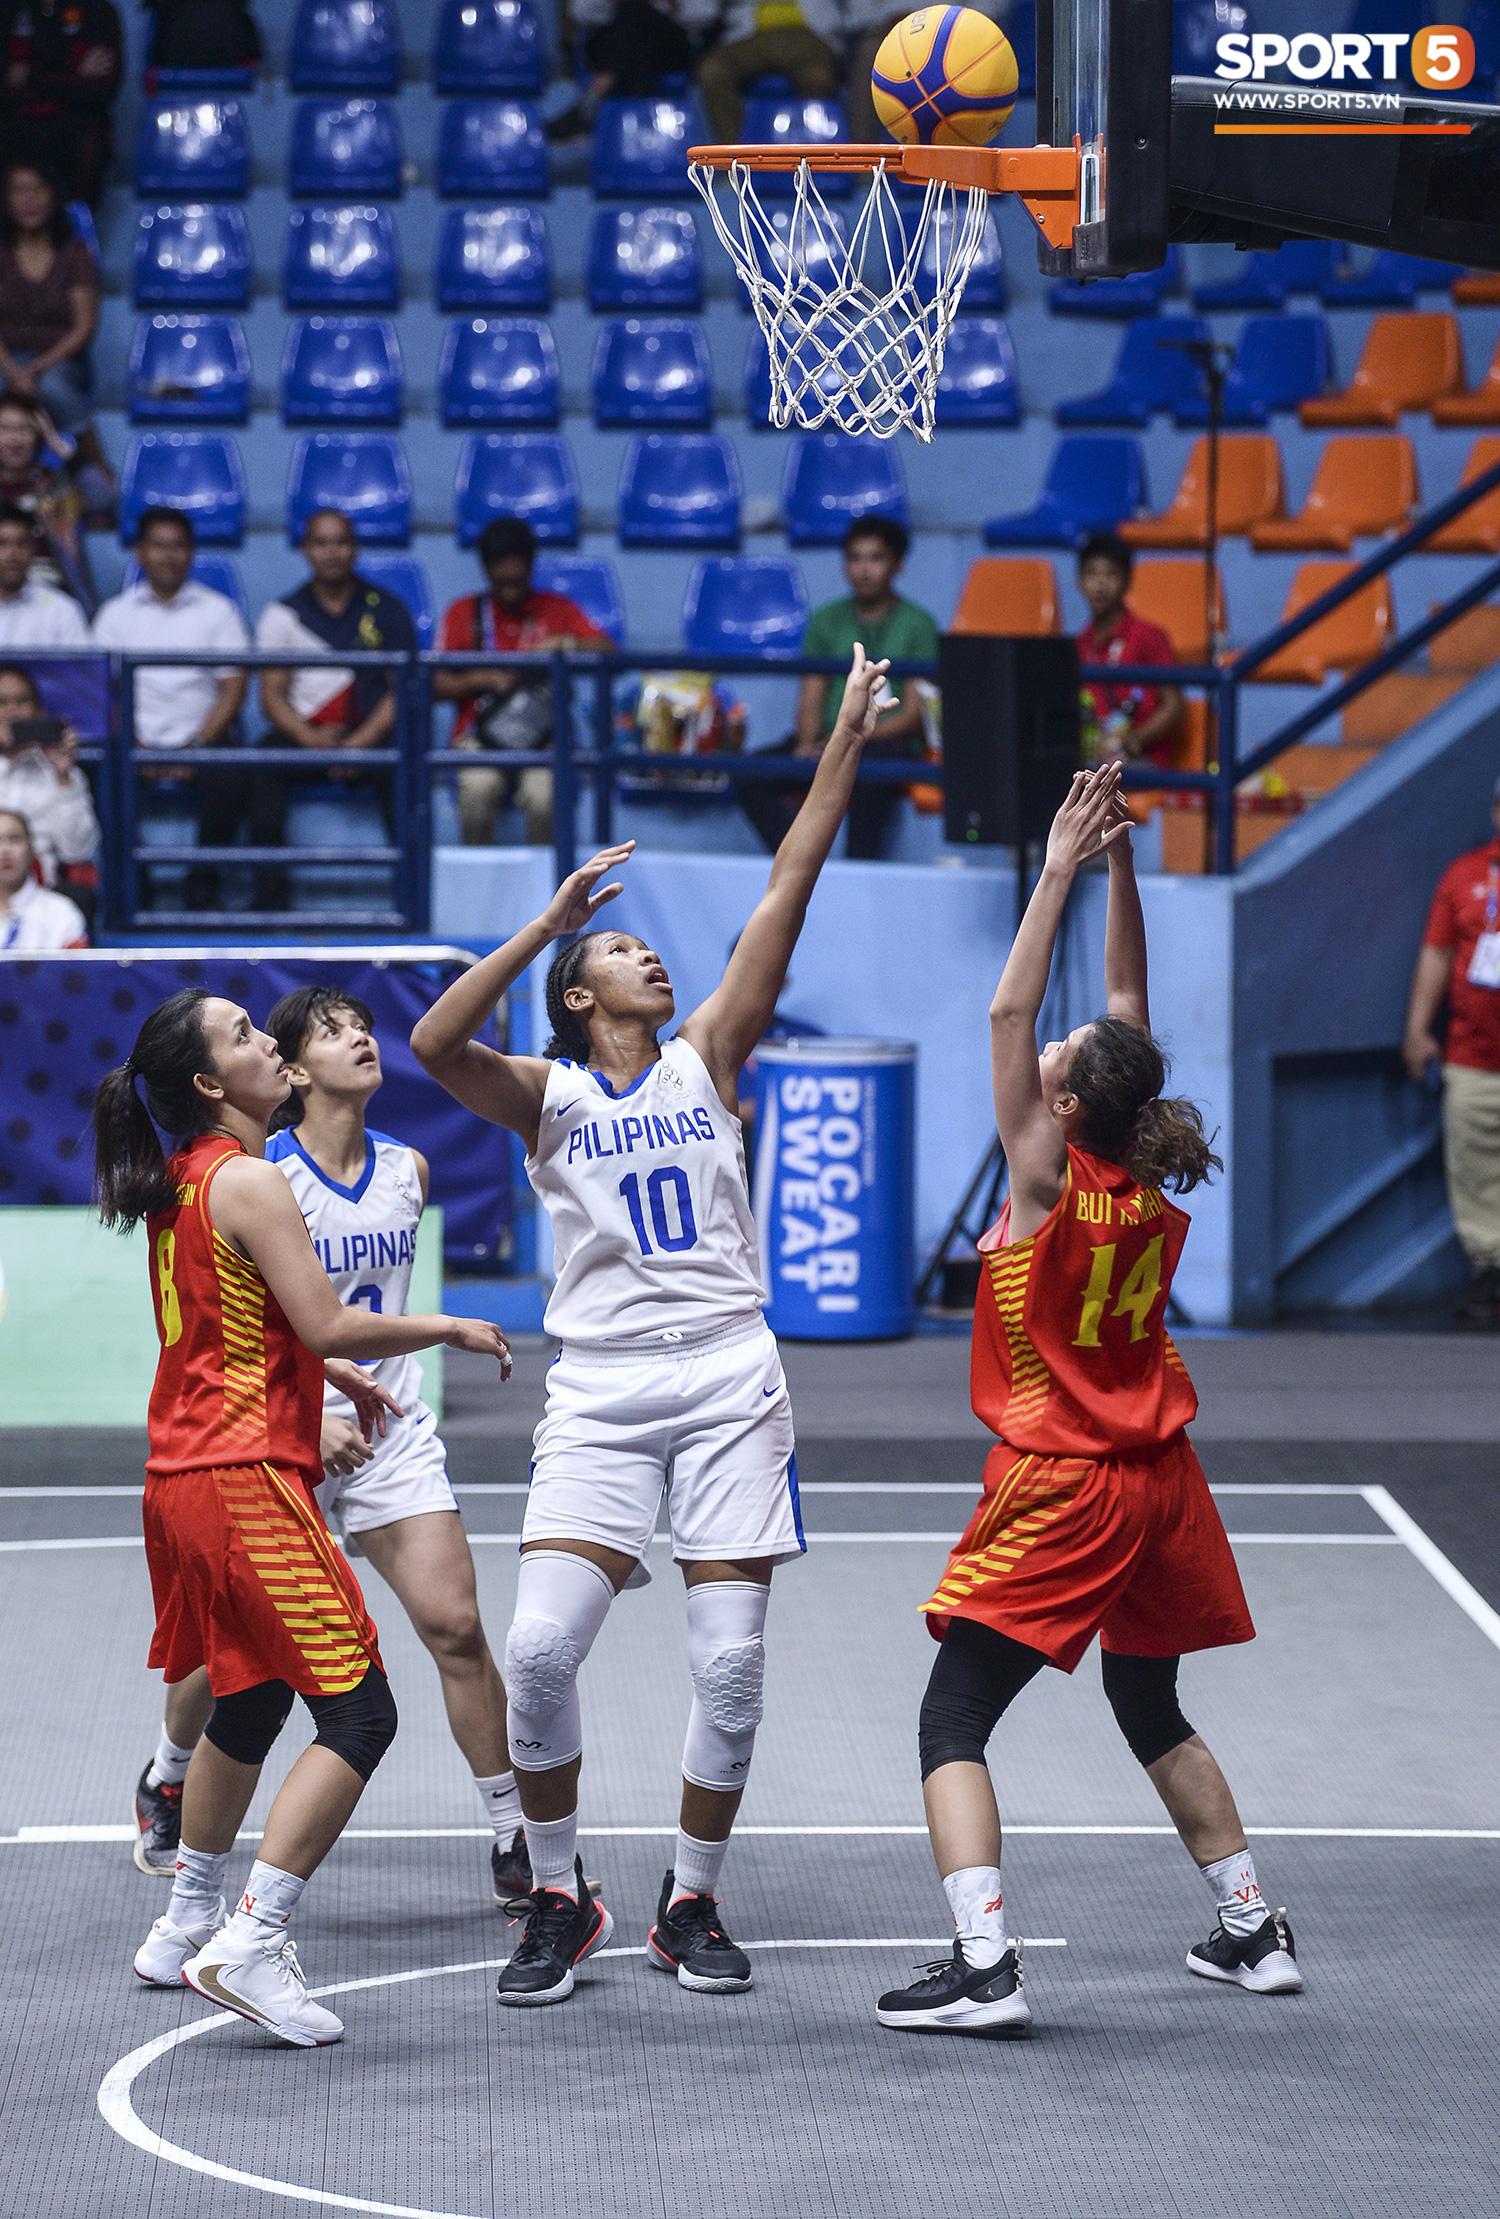 Nỗ lực hết mình nhưng vẫn không thể tạo nên bất ngờ trước Philippines, đội tuyển nữ Việt Nam vẫn còn cơ hội cạnh tranh huy chương đồng tại SEA Games 30 - Ảnh 1.